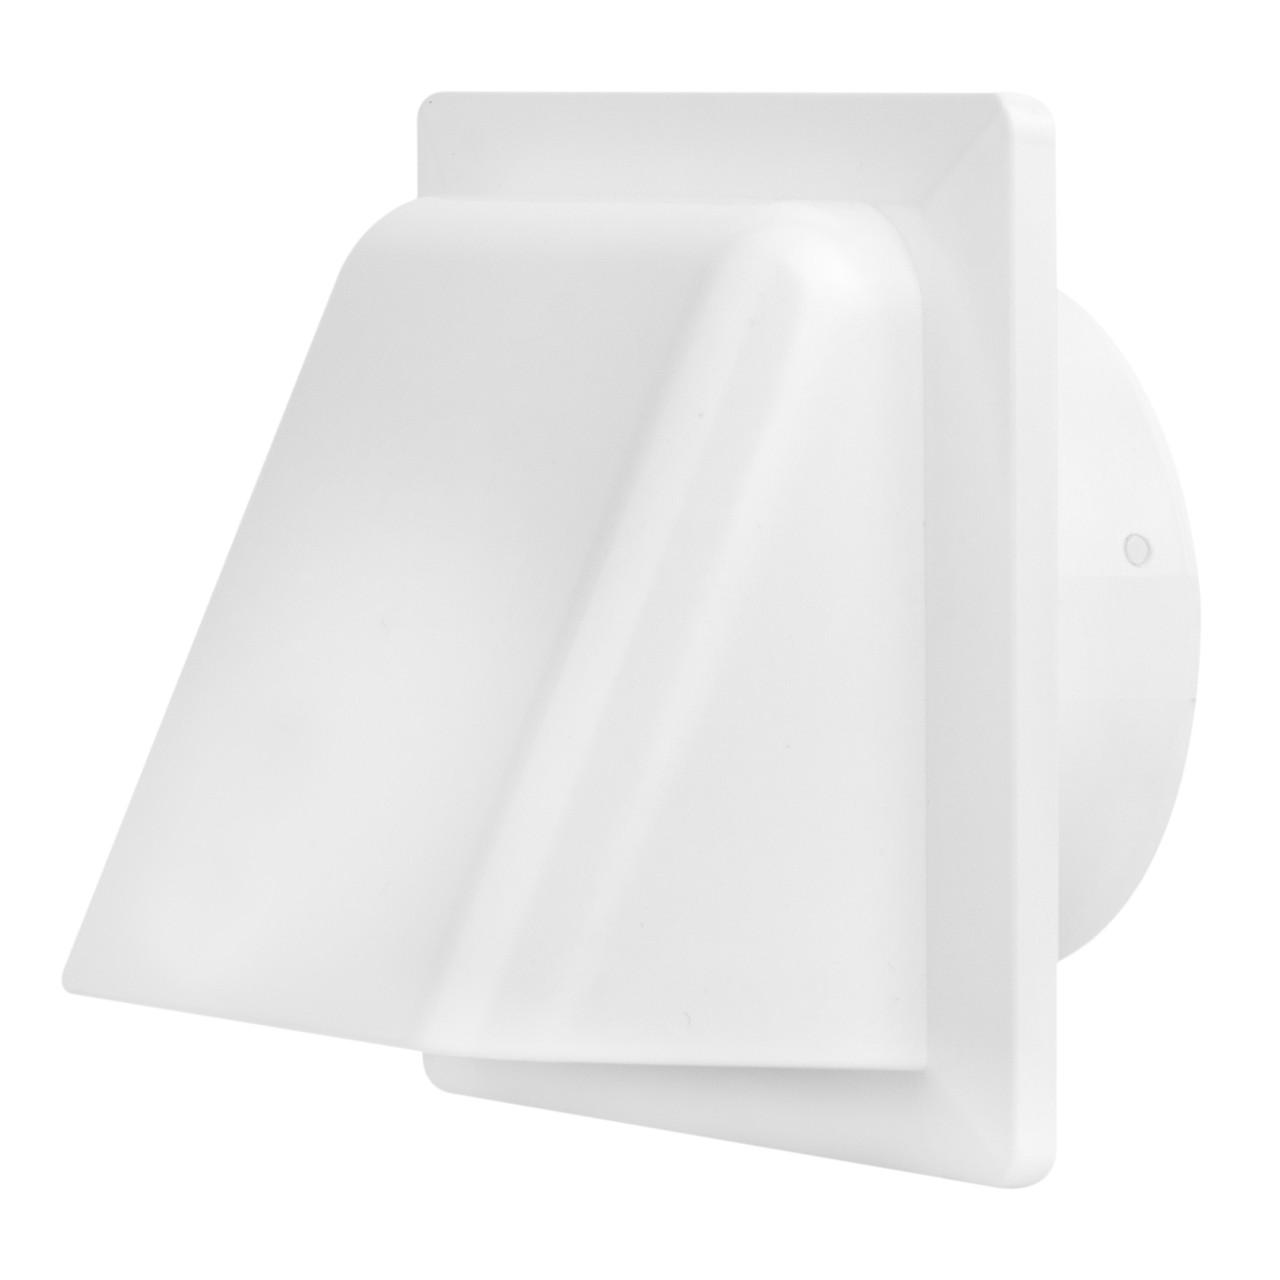 Вентиляционный колпак с клапаном и фланцем (пластик ABS)